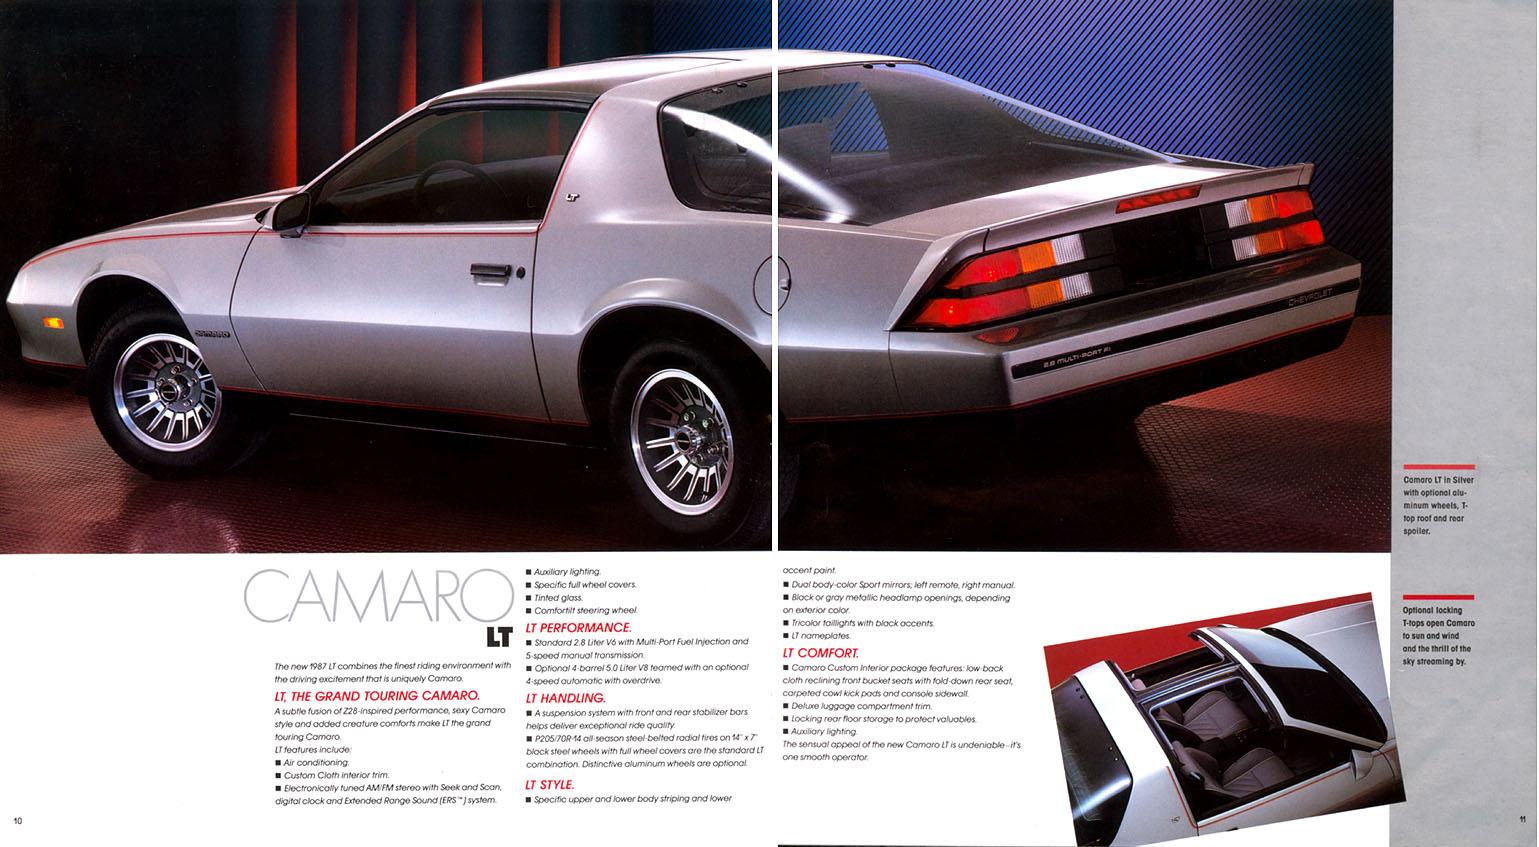 1987 Camaro OEM Brochure (6)